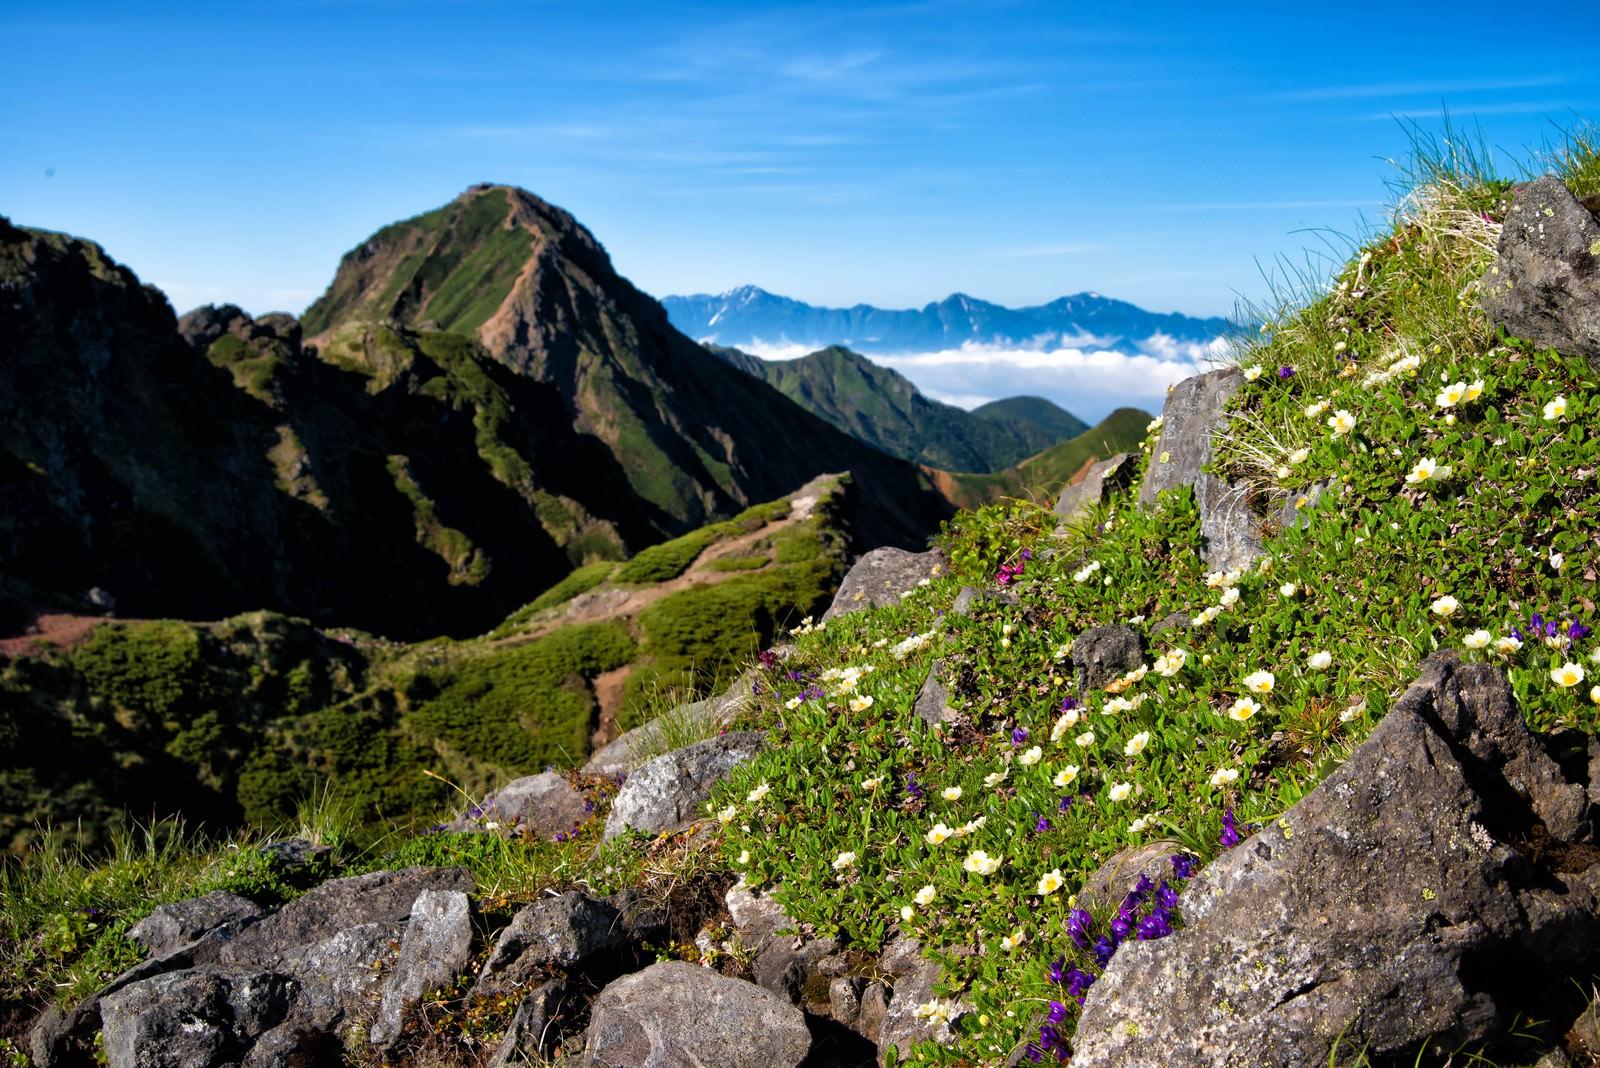 「赤岳に生息する高山植物」の写真